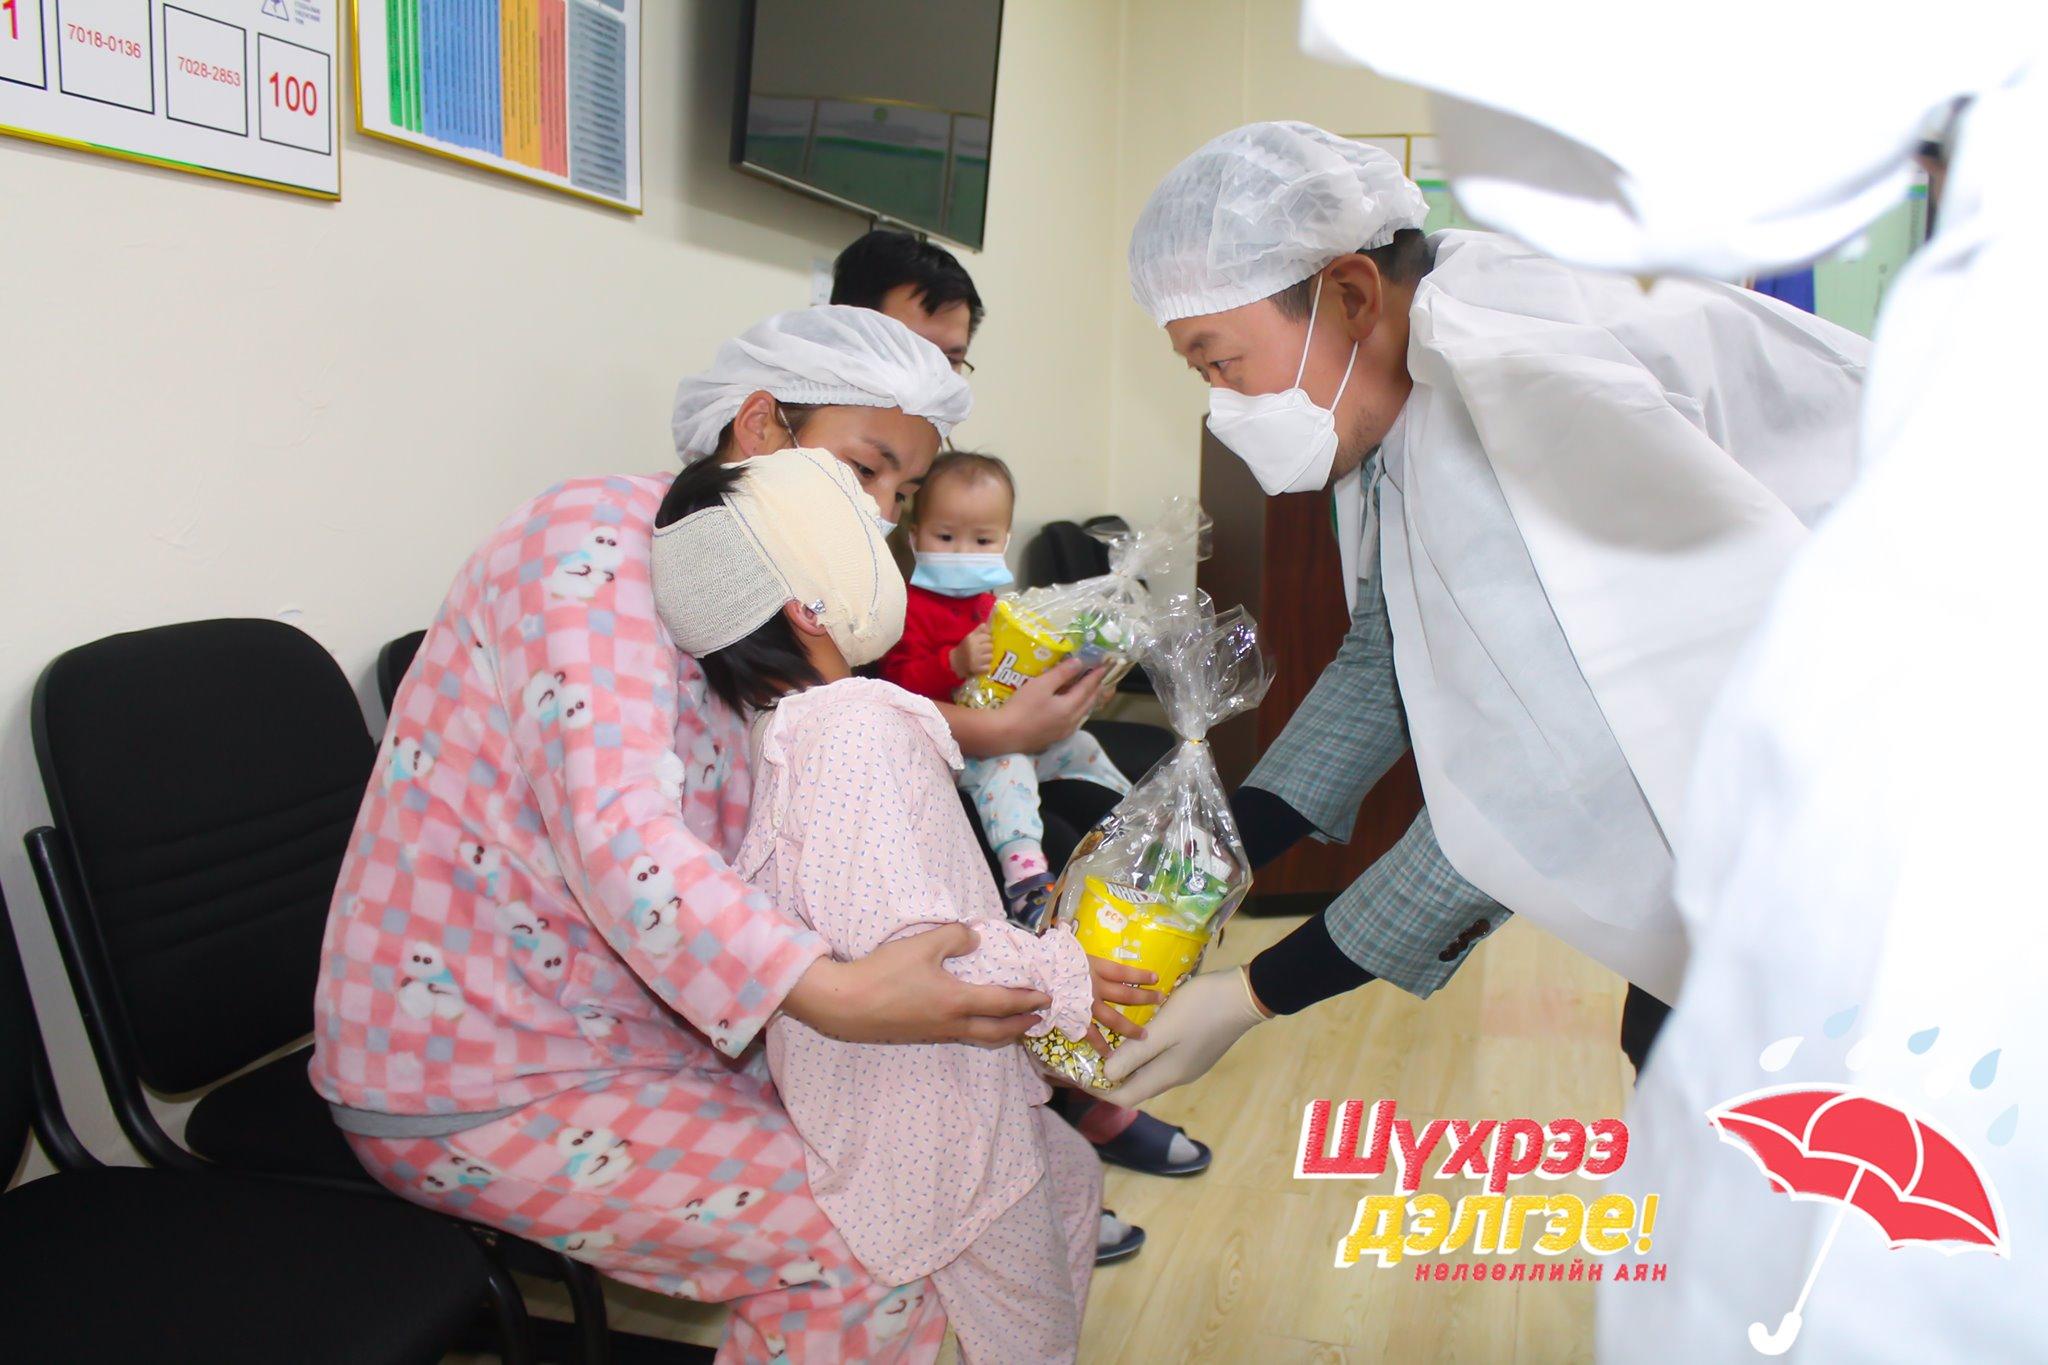 """""""Гэмтэл Согог Судлалын Үндэсний Төв""""-д хэвтэн эмчлүүлж буй бяцхан хүүхдүүдийг баярлууллаа"""